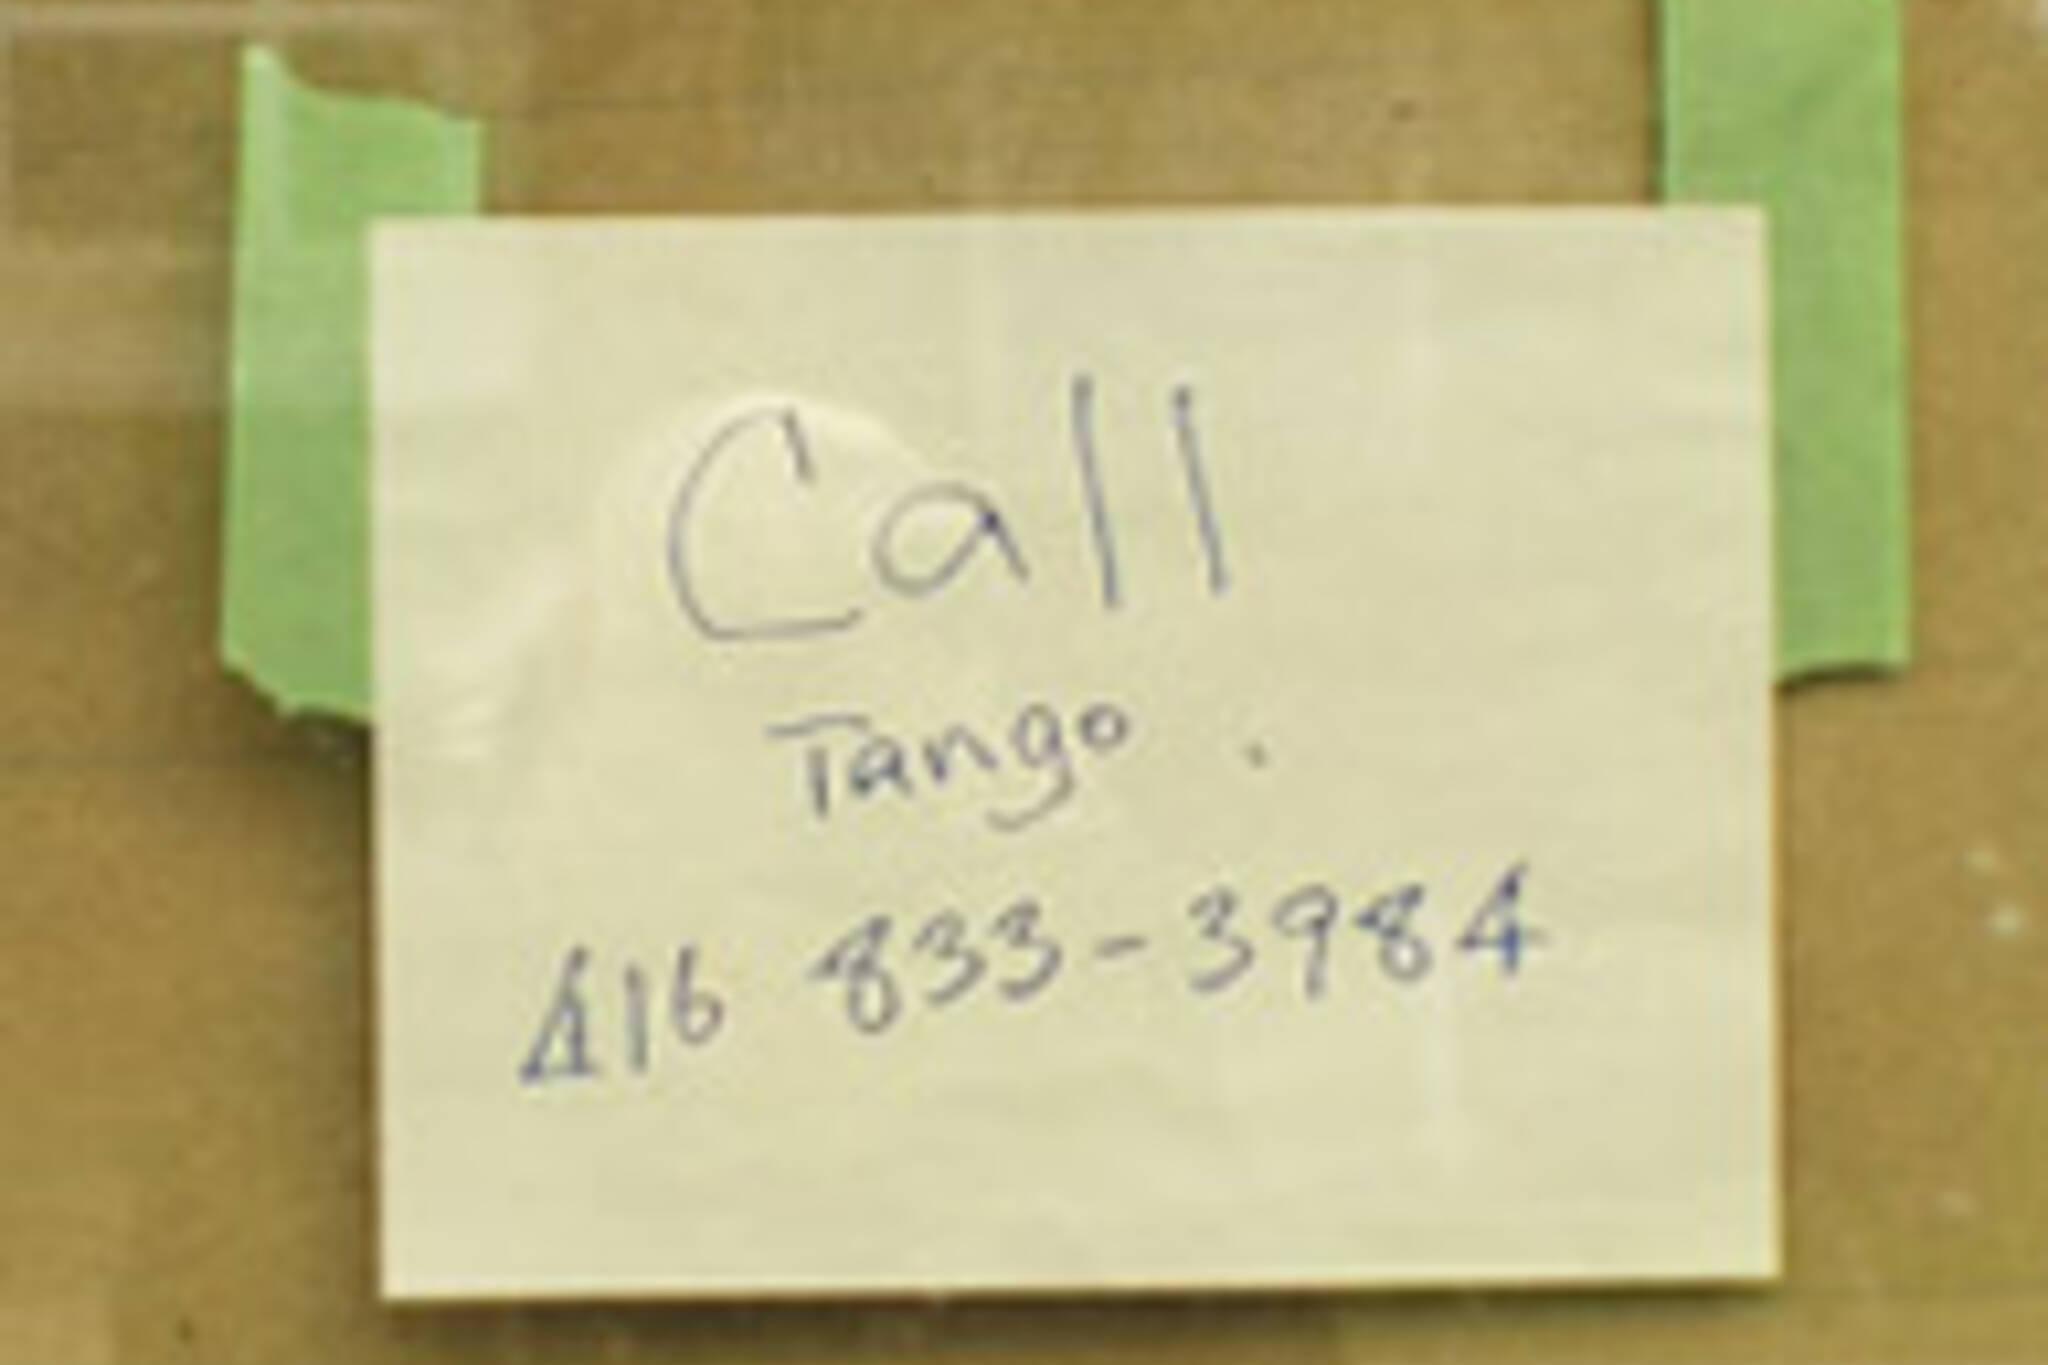 april1806_calltango.jpg